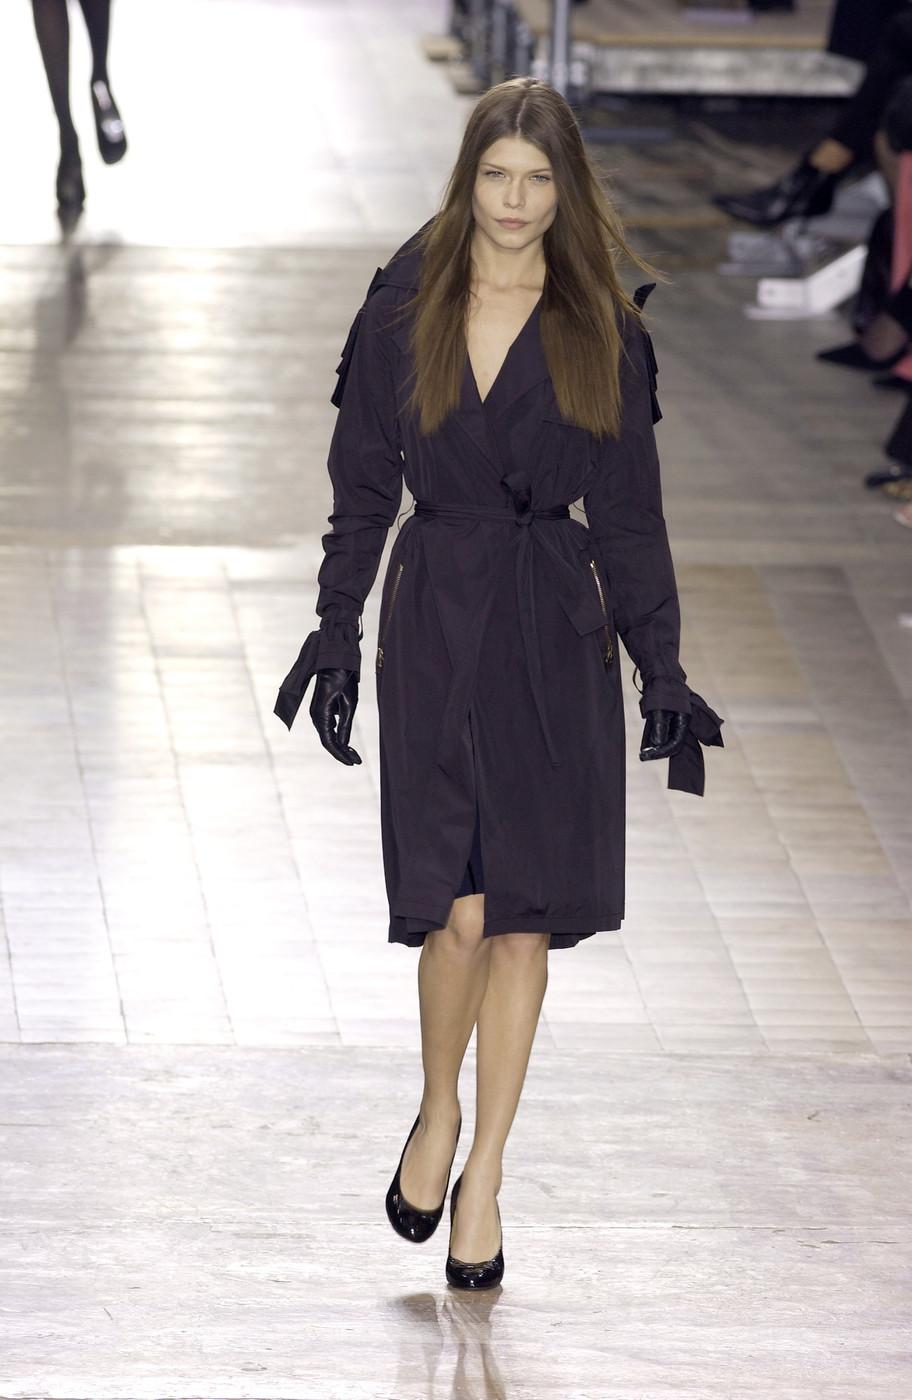 via fashioned by love | Lanvin Autumn/Winter 2003